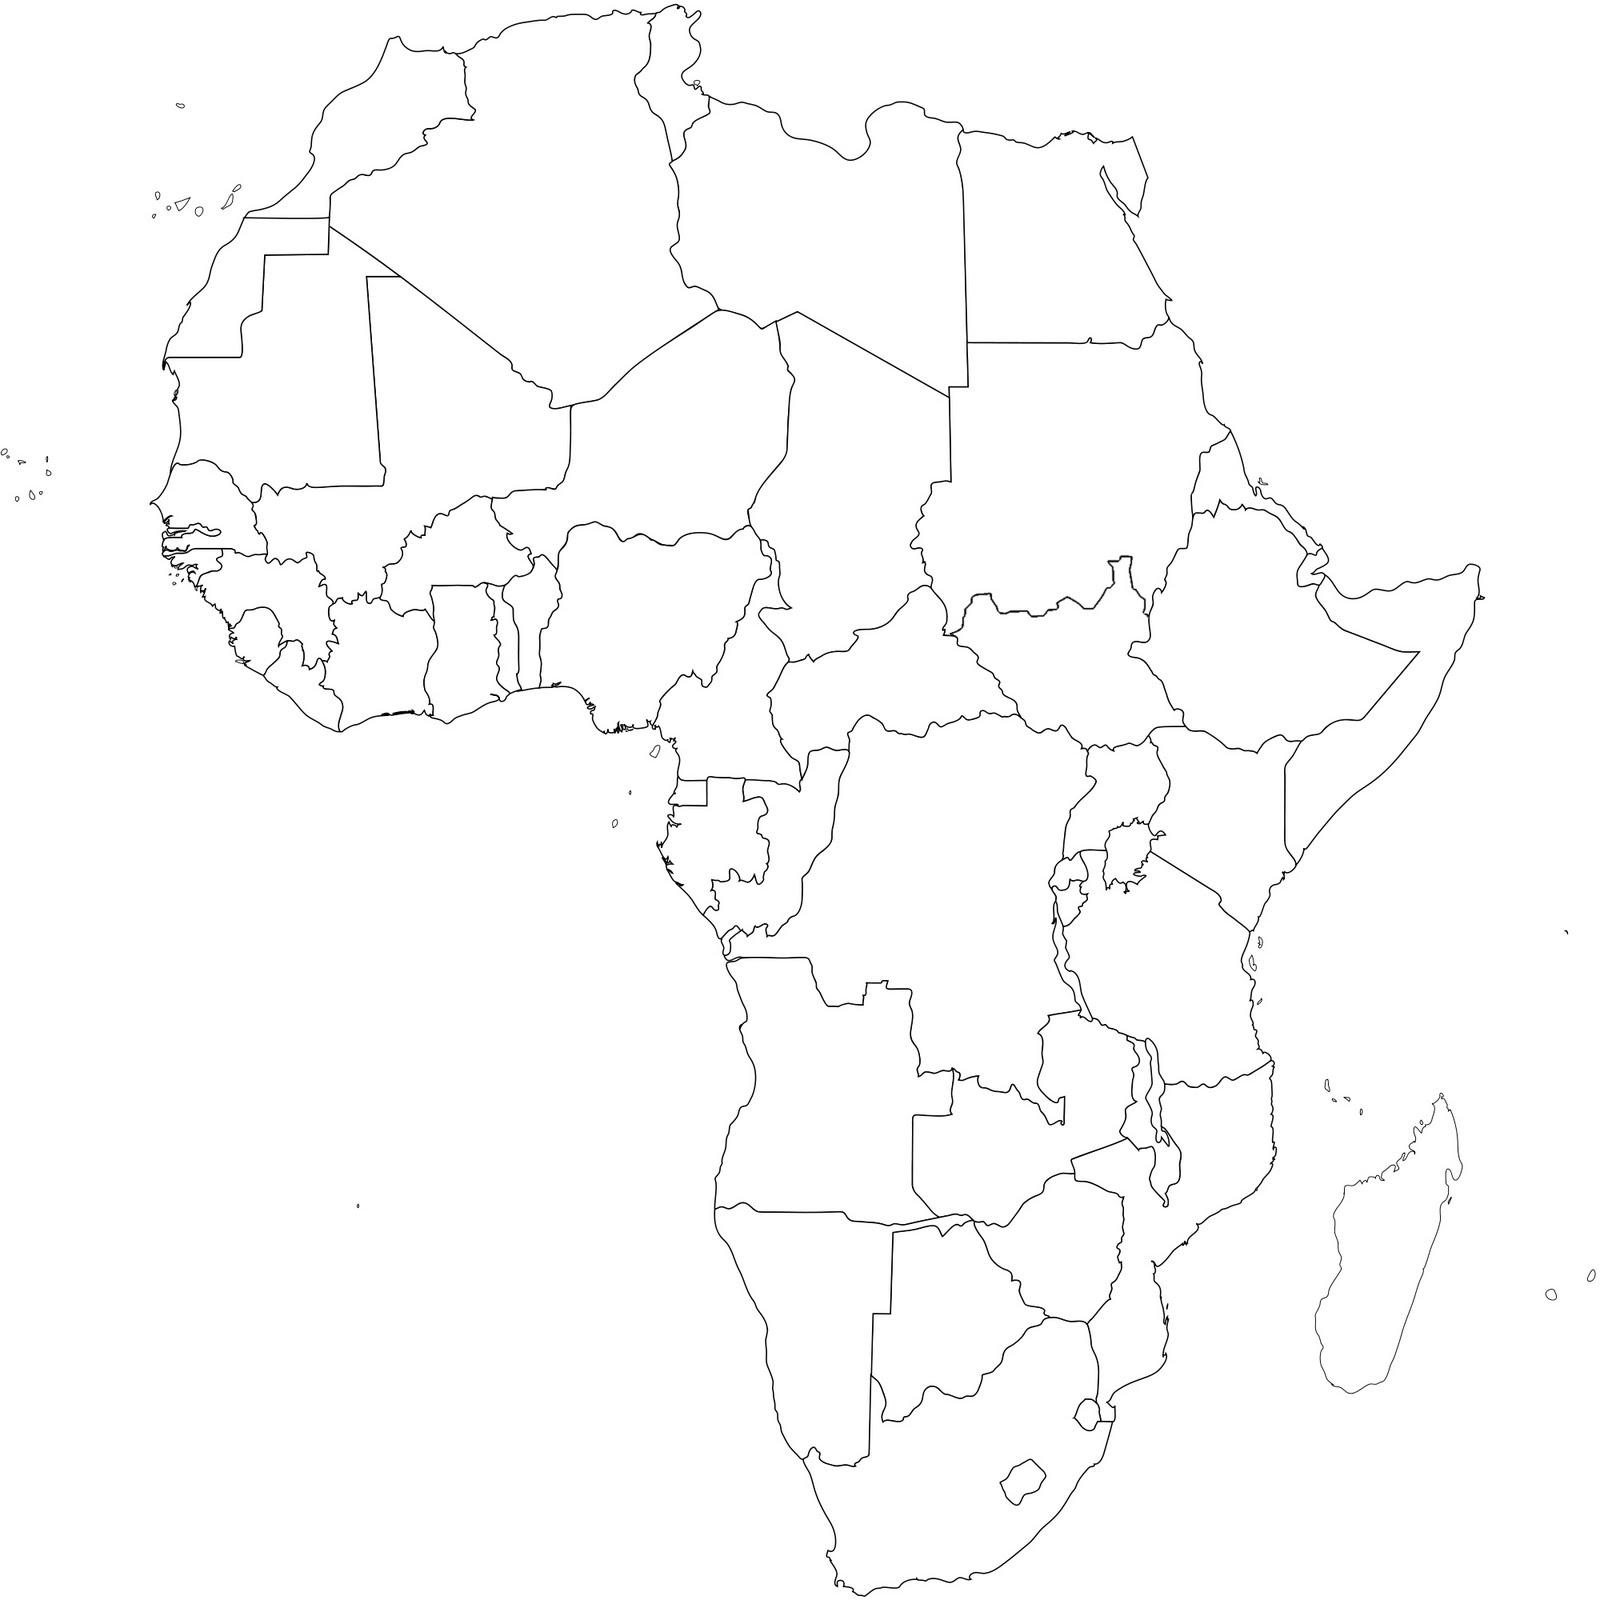 Mapa Africa Sin Nombres.Mapas De Africa Mapas Politicos Mapas En Blanco Mapas